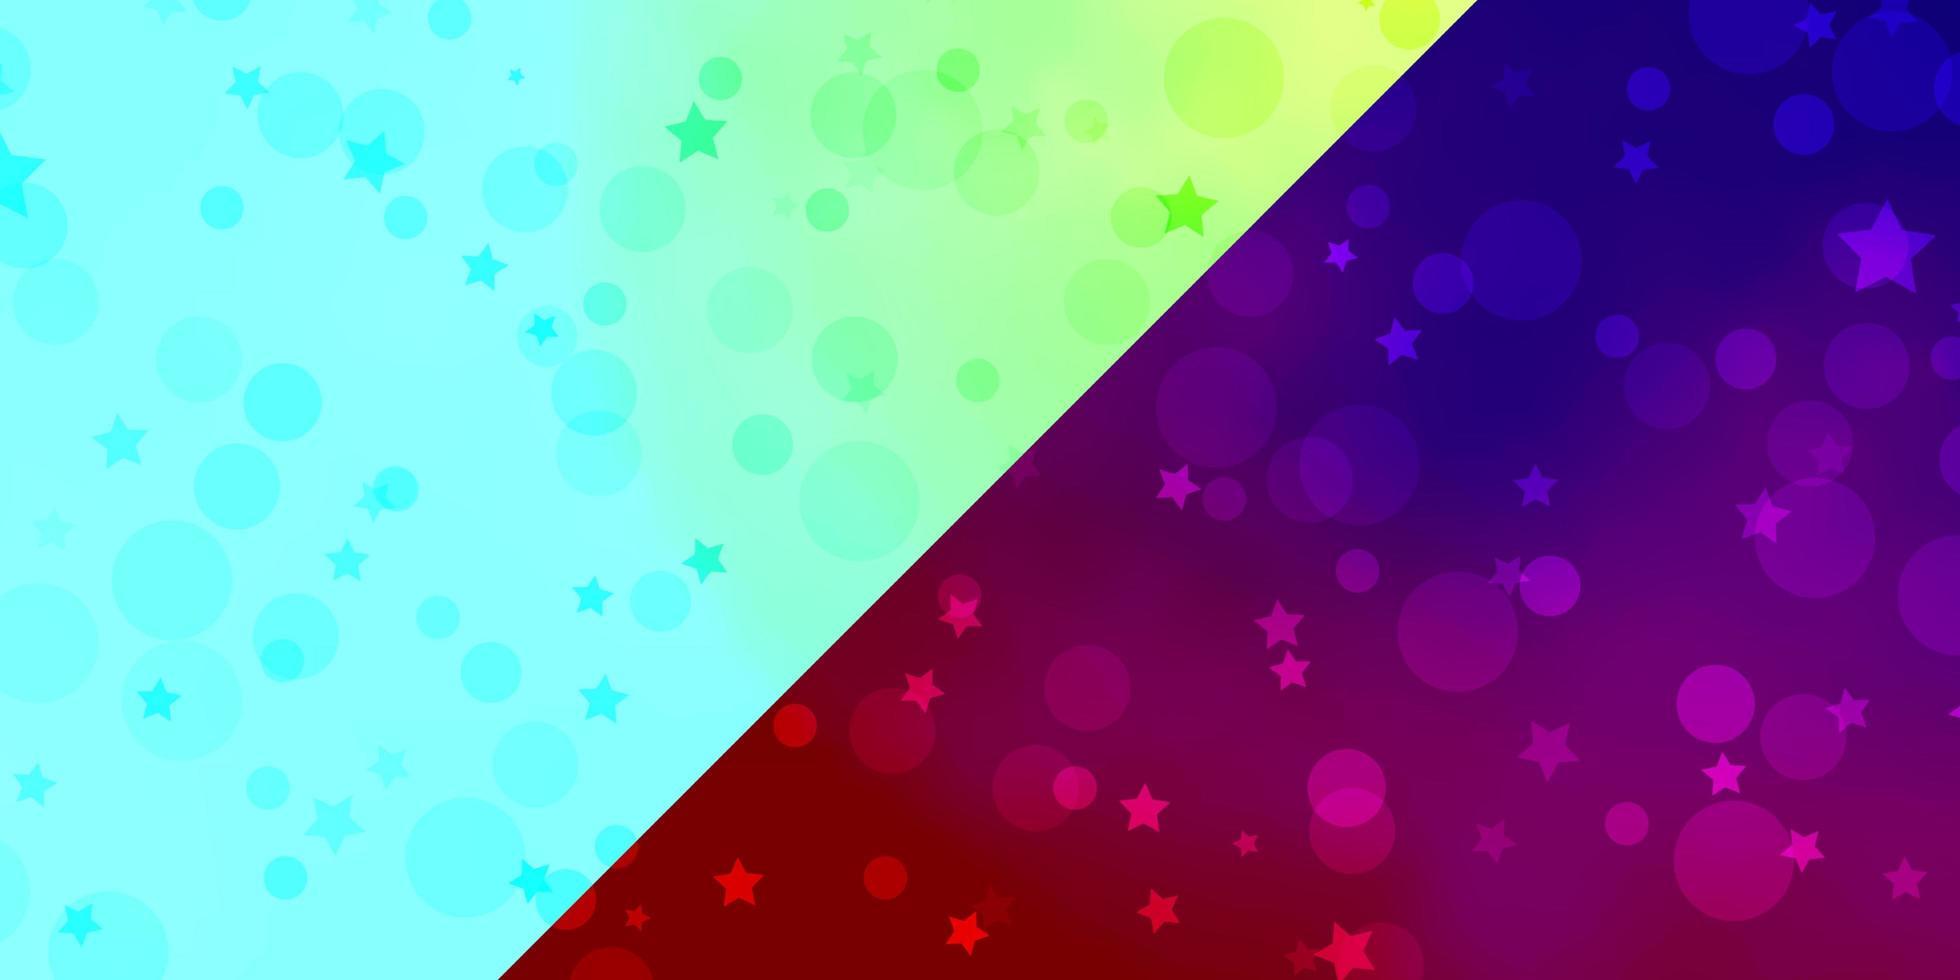 texture avec des cercles et des étoiles. vecteur